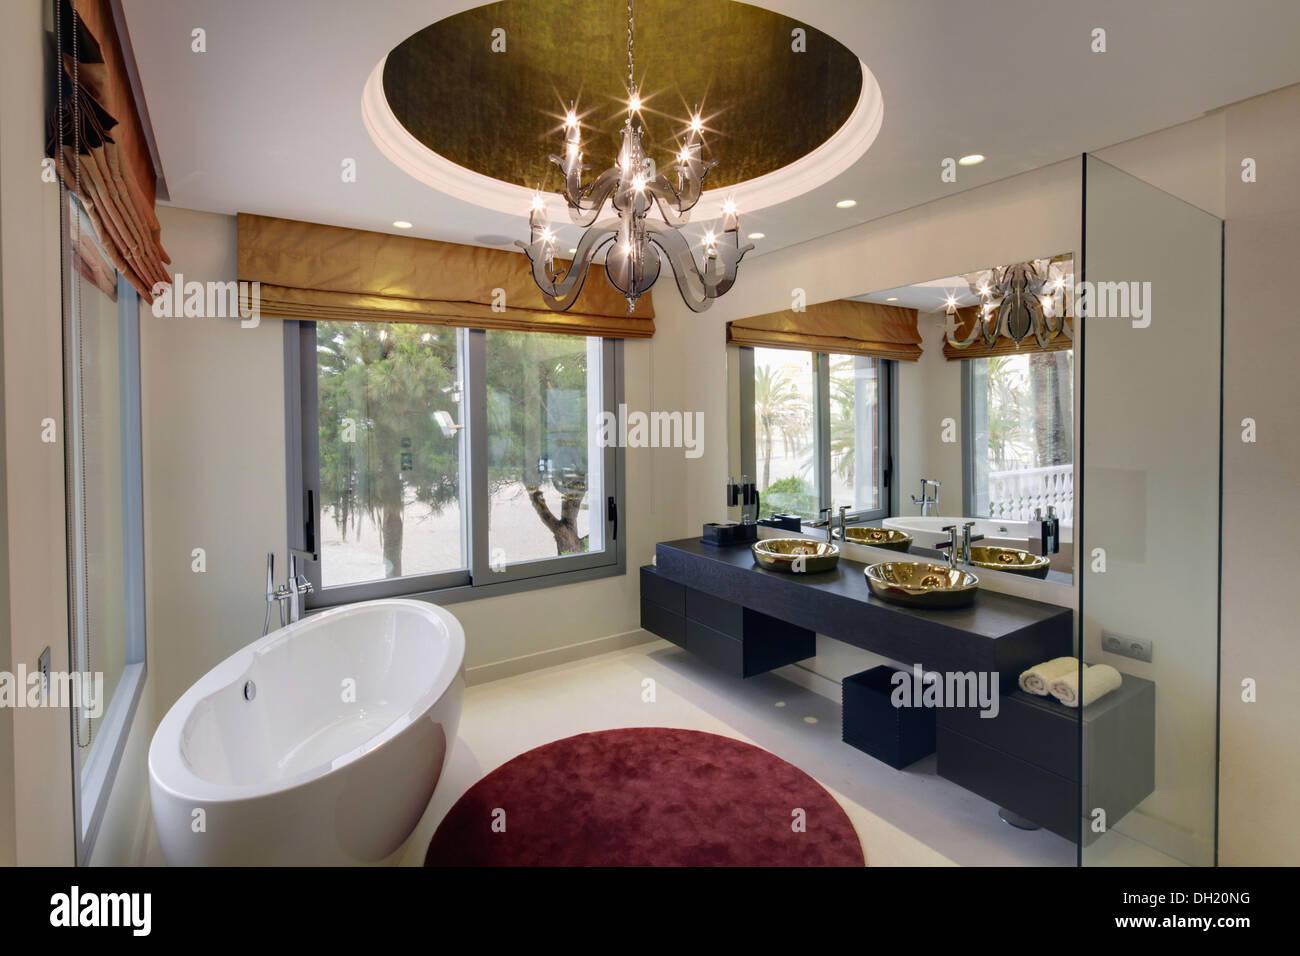 Vasca Da Bagno In Spagnolo : Ovale vasca da bagno separata e tappeto circolare in spagnolo